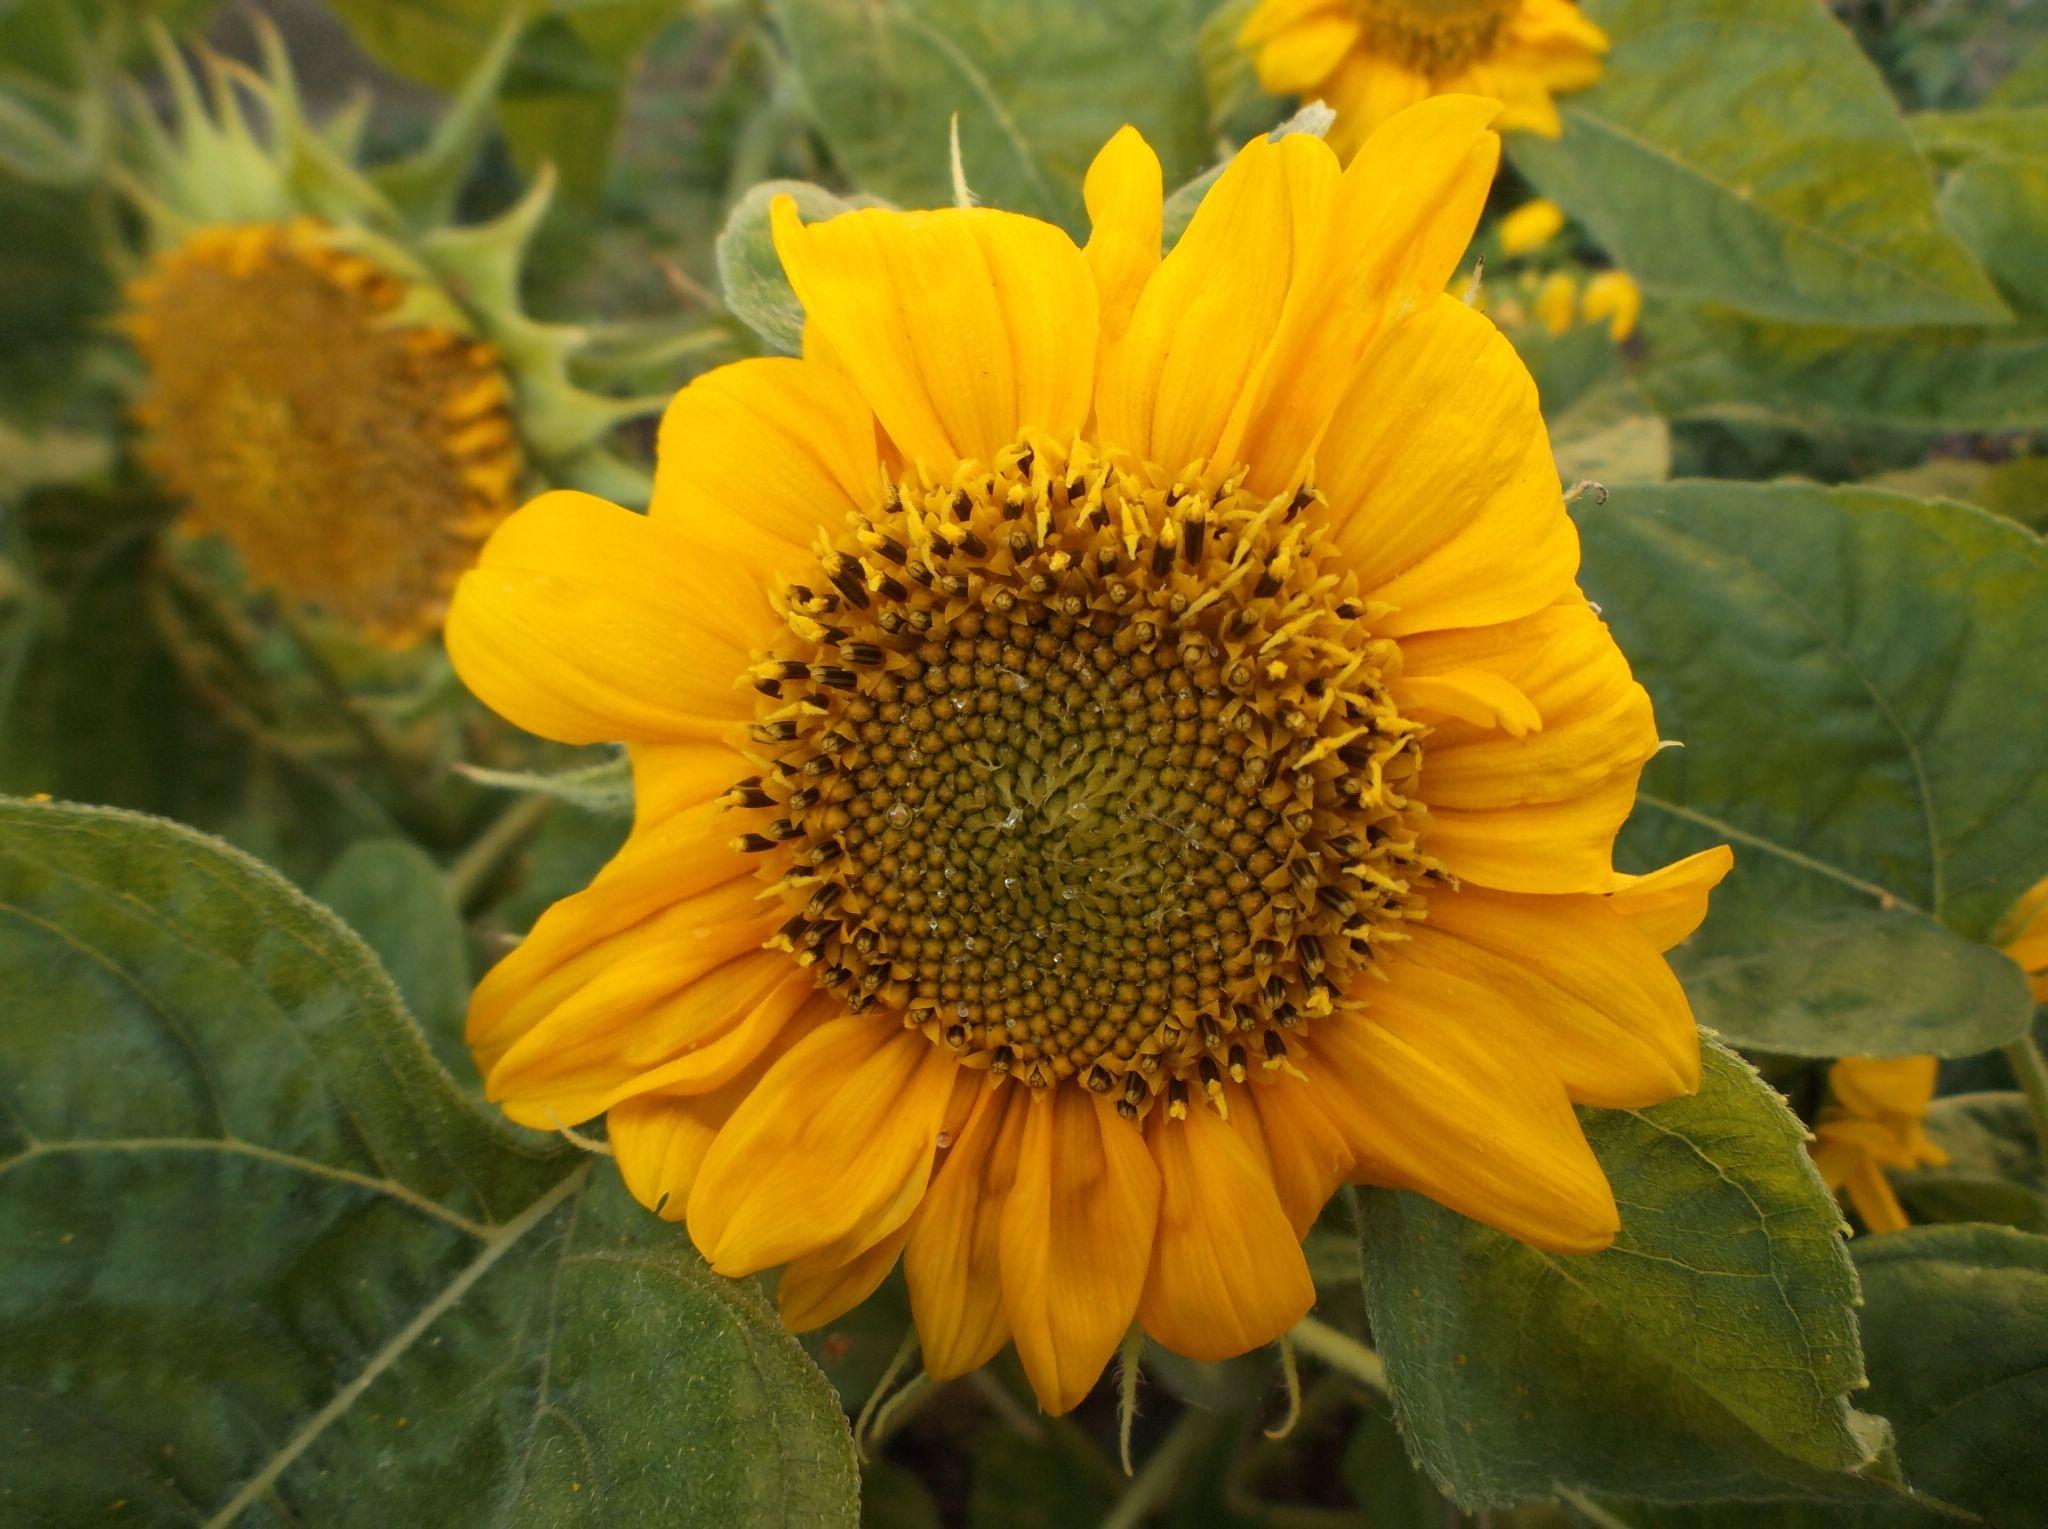 Sunflower. by Zita Užkuraitienė